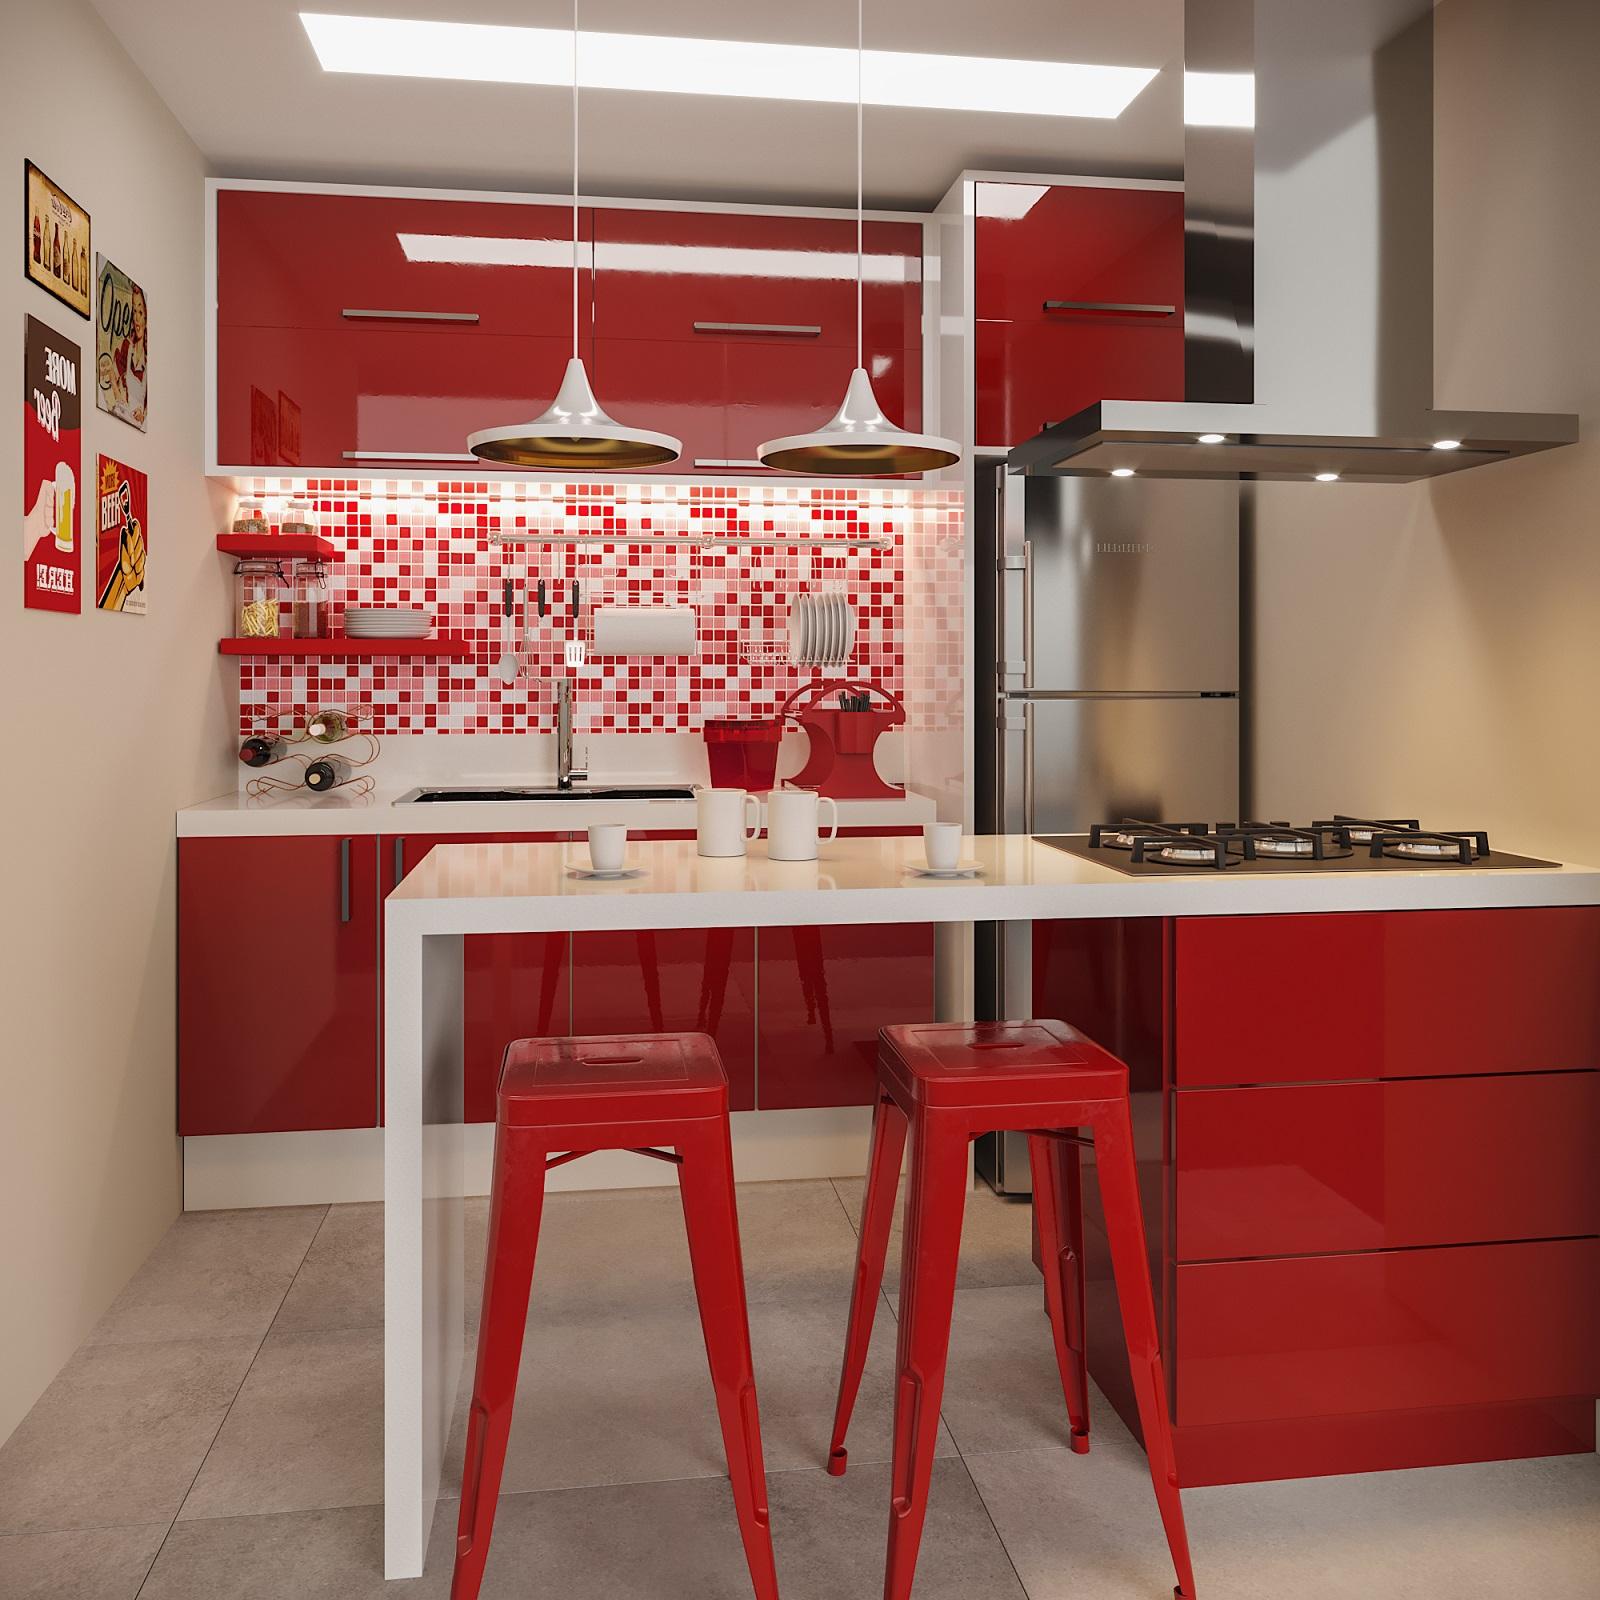 Balc O De Cozinha Lumin Rias E Revestimentos Decoram O Ambiente